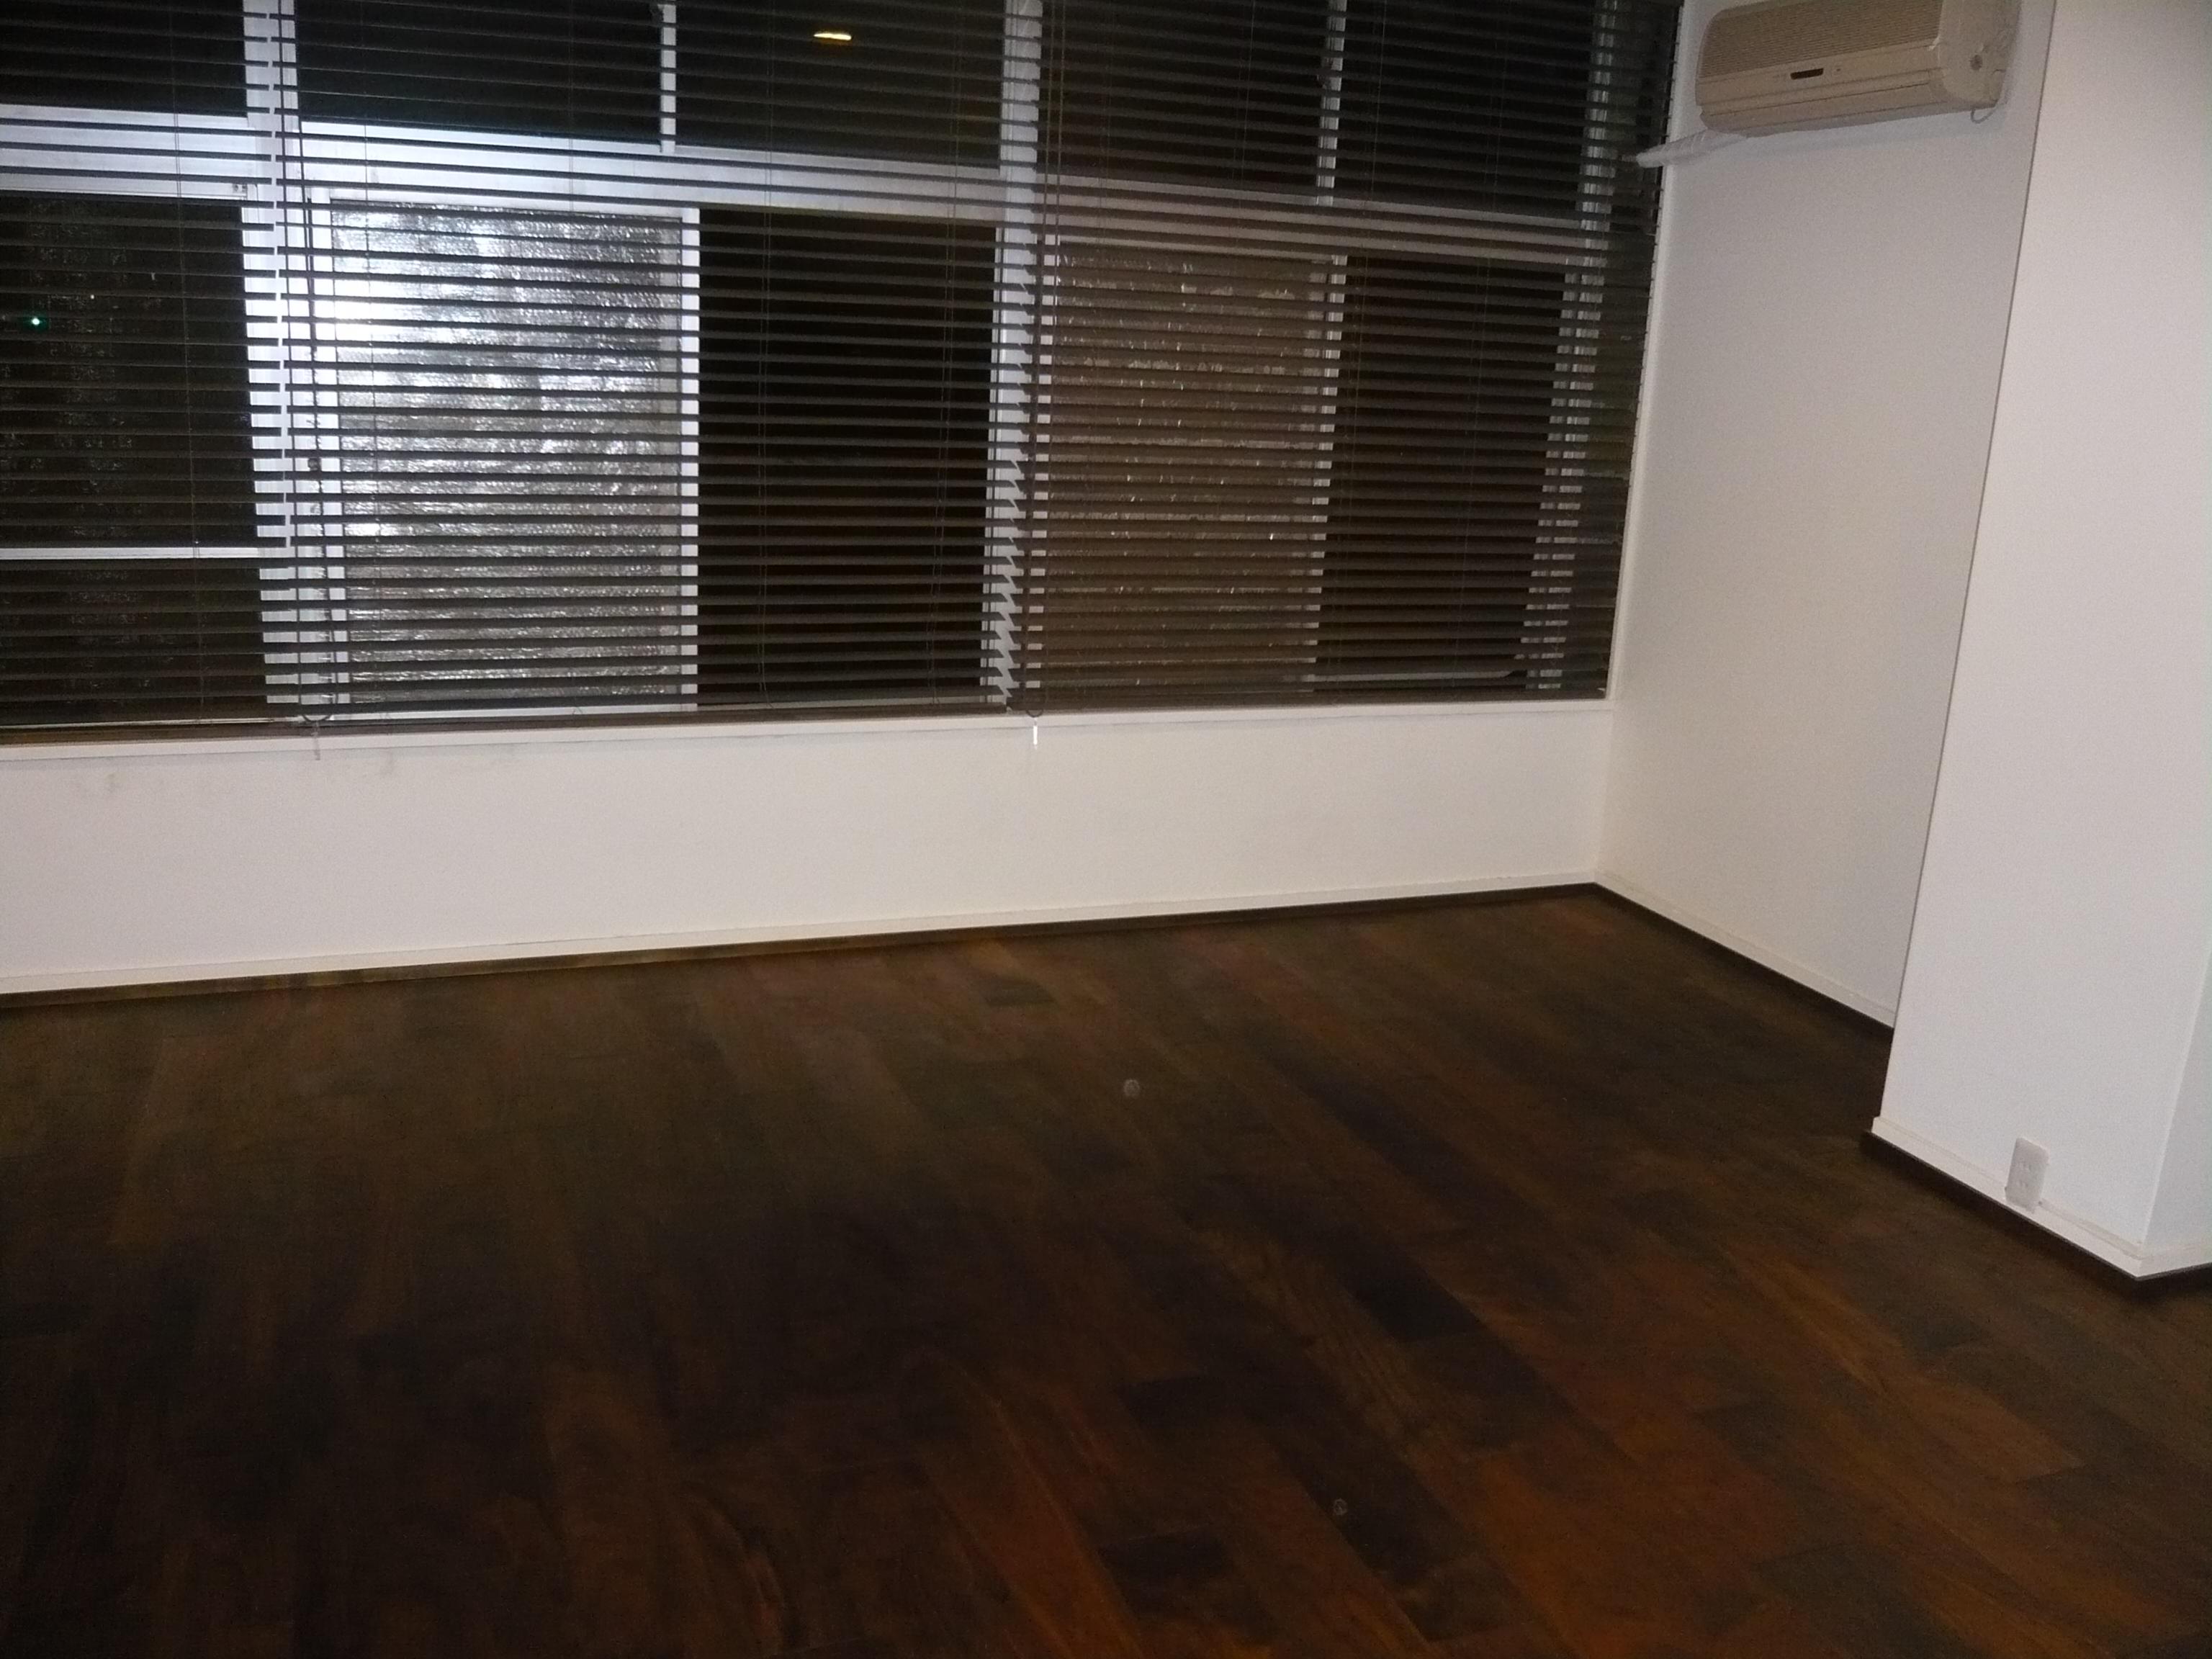 ウォールナットのインテリア、床材、ブラインドもウォールナットで統一